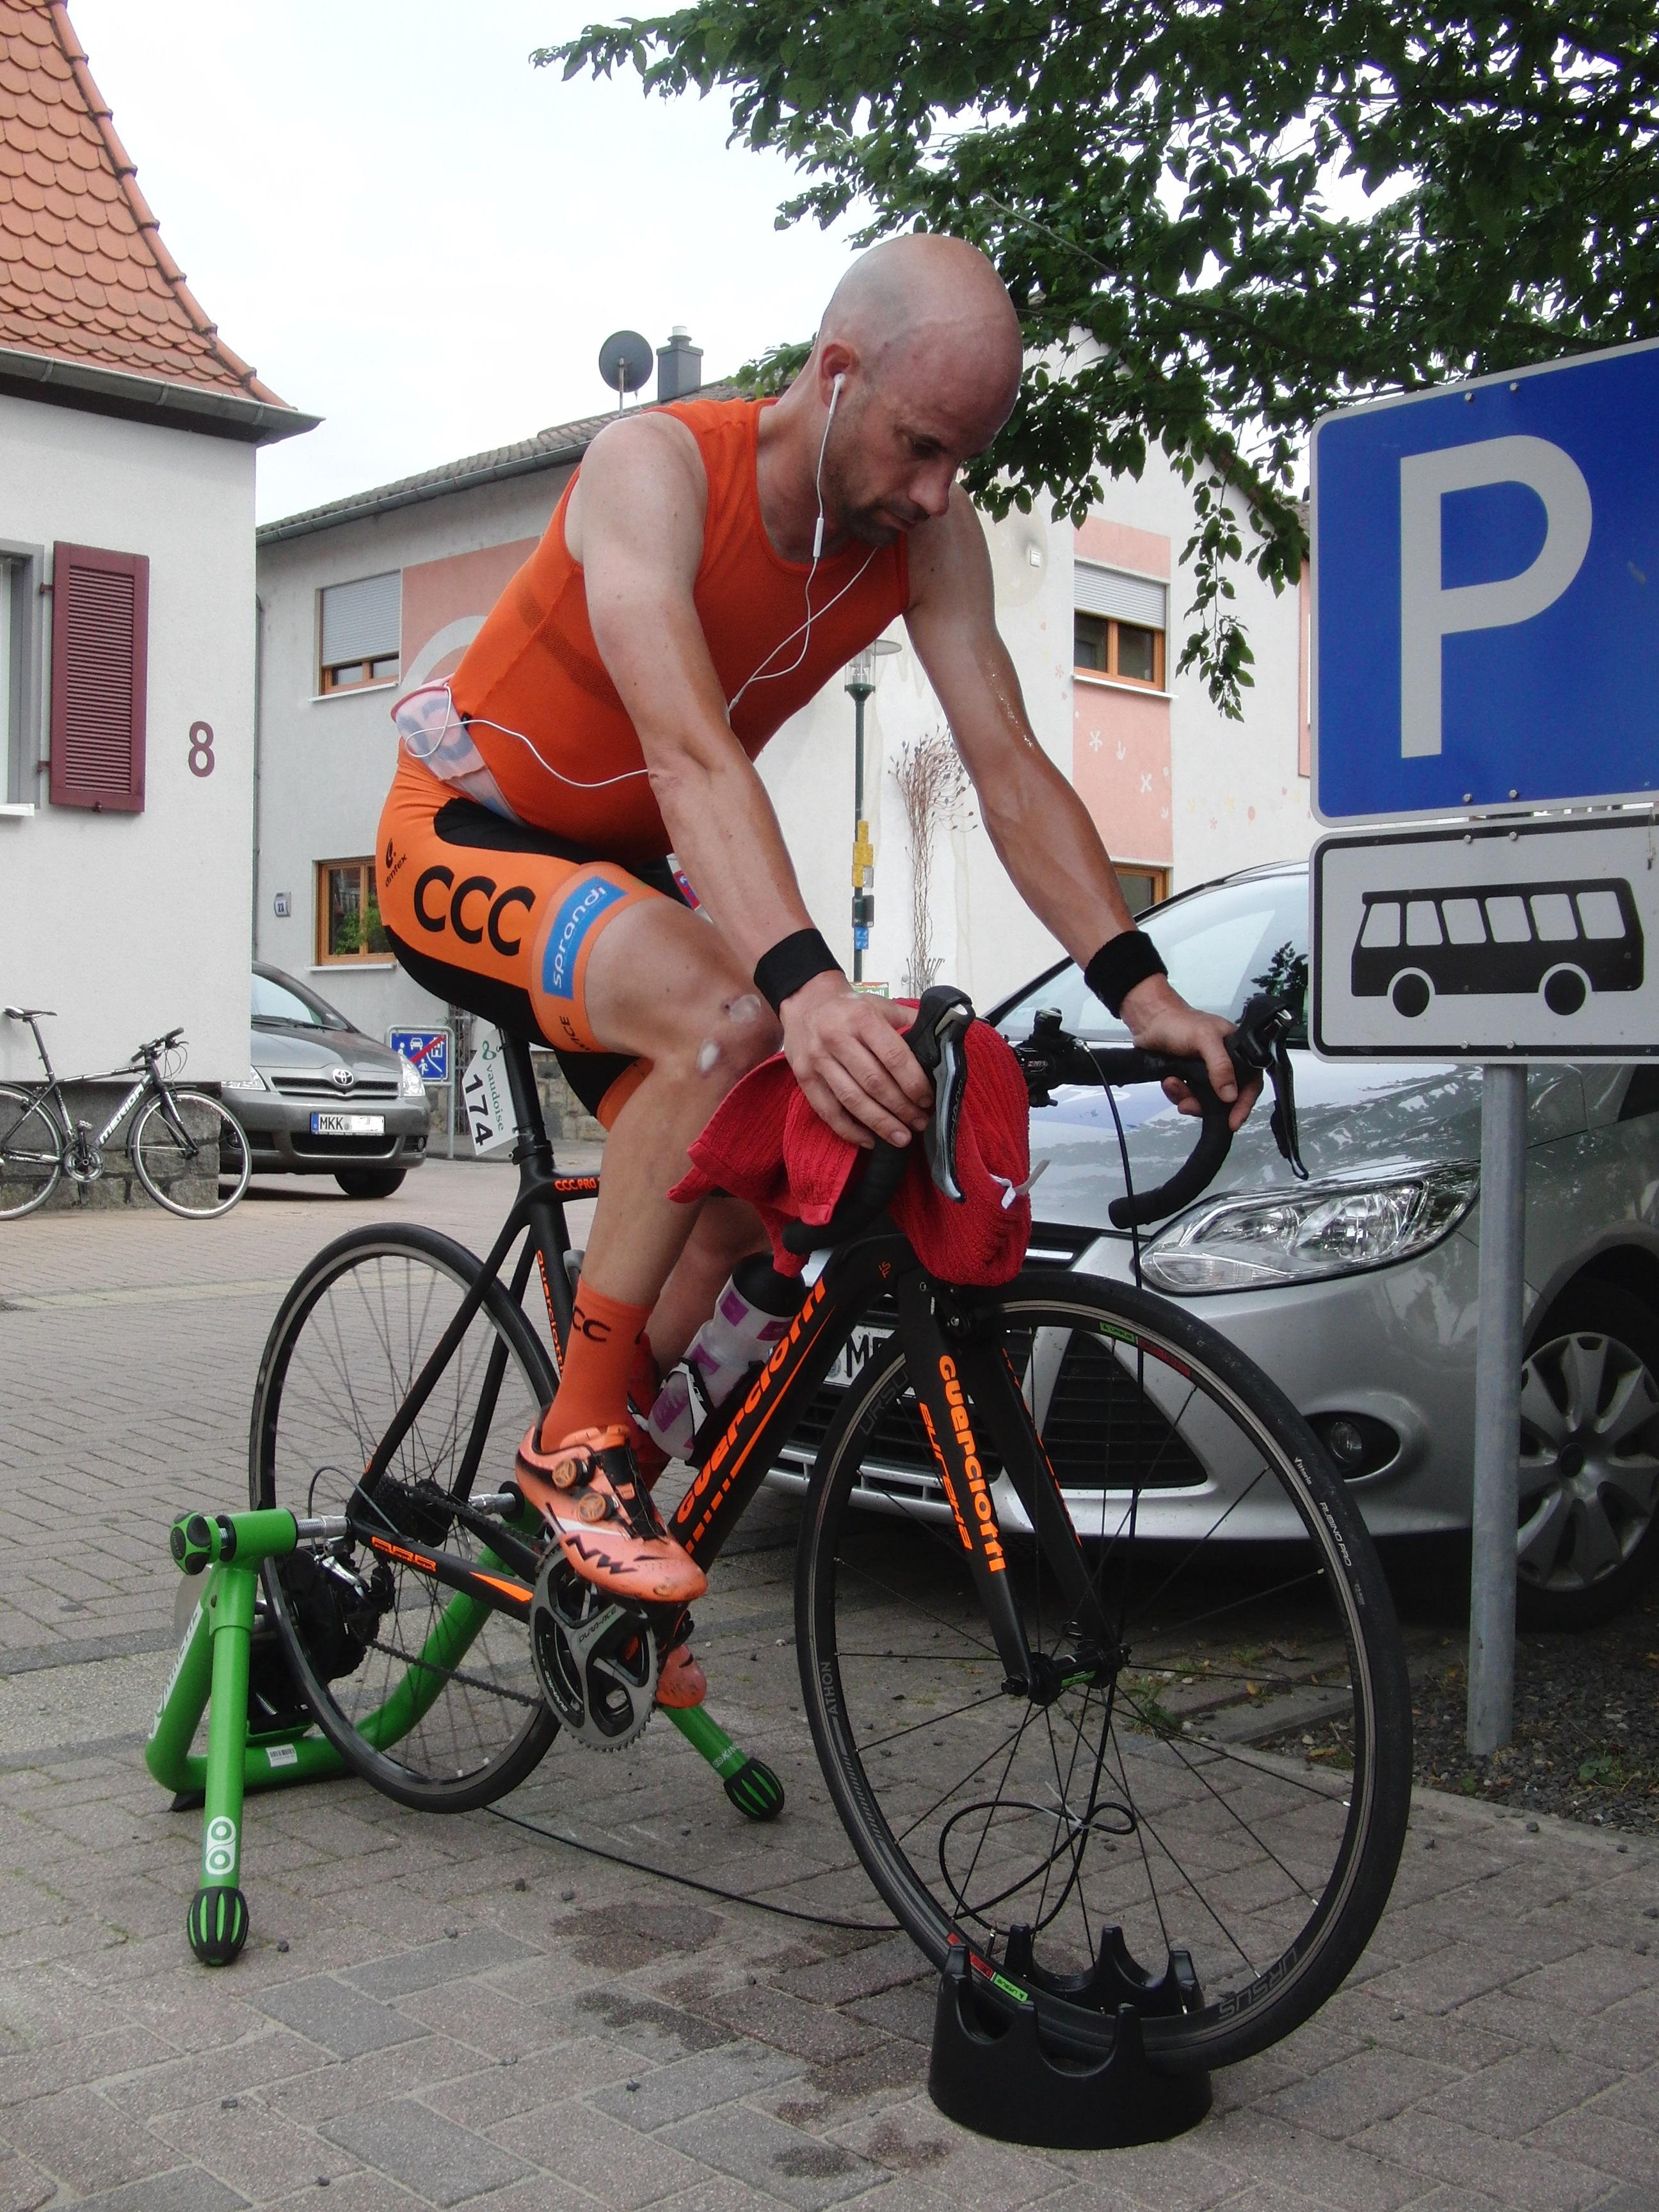 Stefan Schumacher vom polnischen Team CCC Sprandi beim Aufwärmen. Er wird später die drittschnellste Zeit fahren.